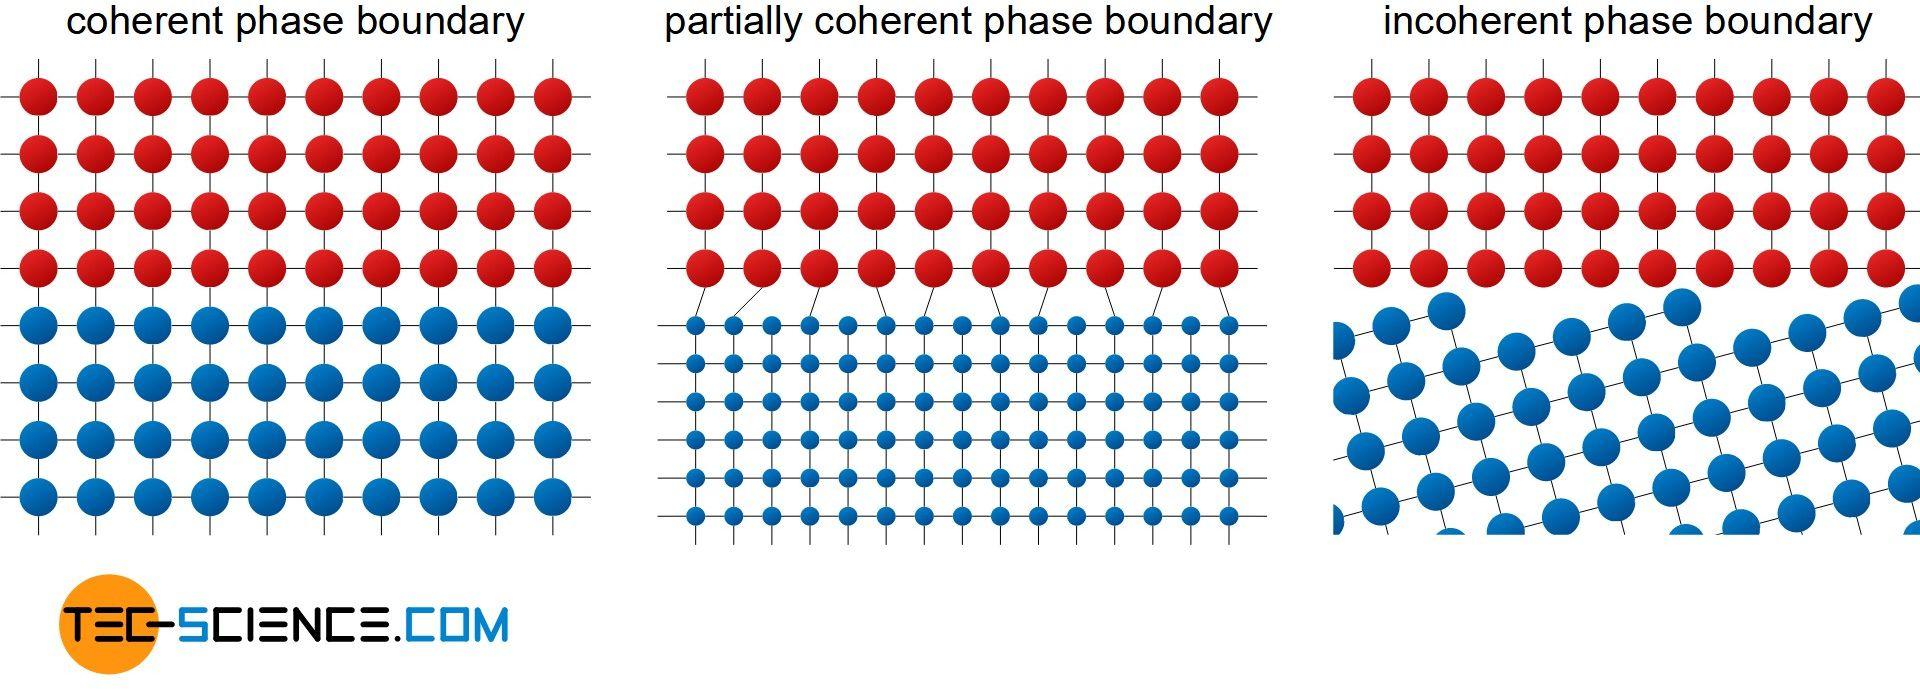 Phase boundary